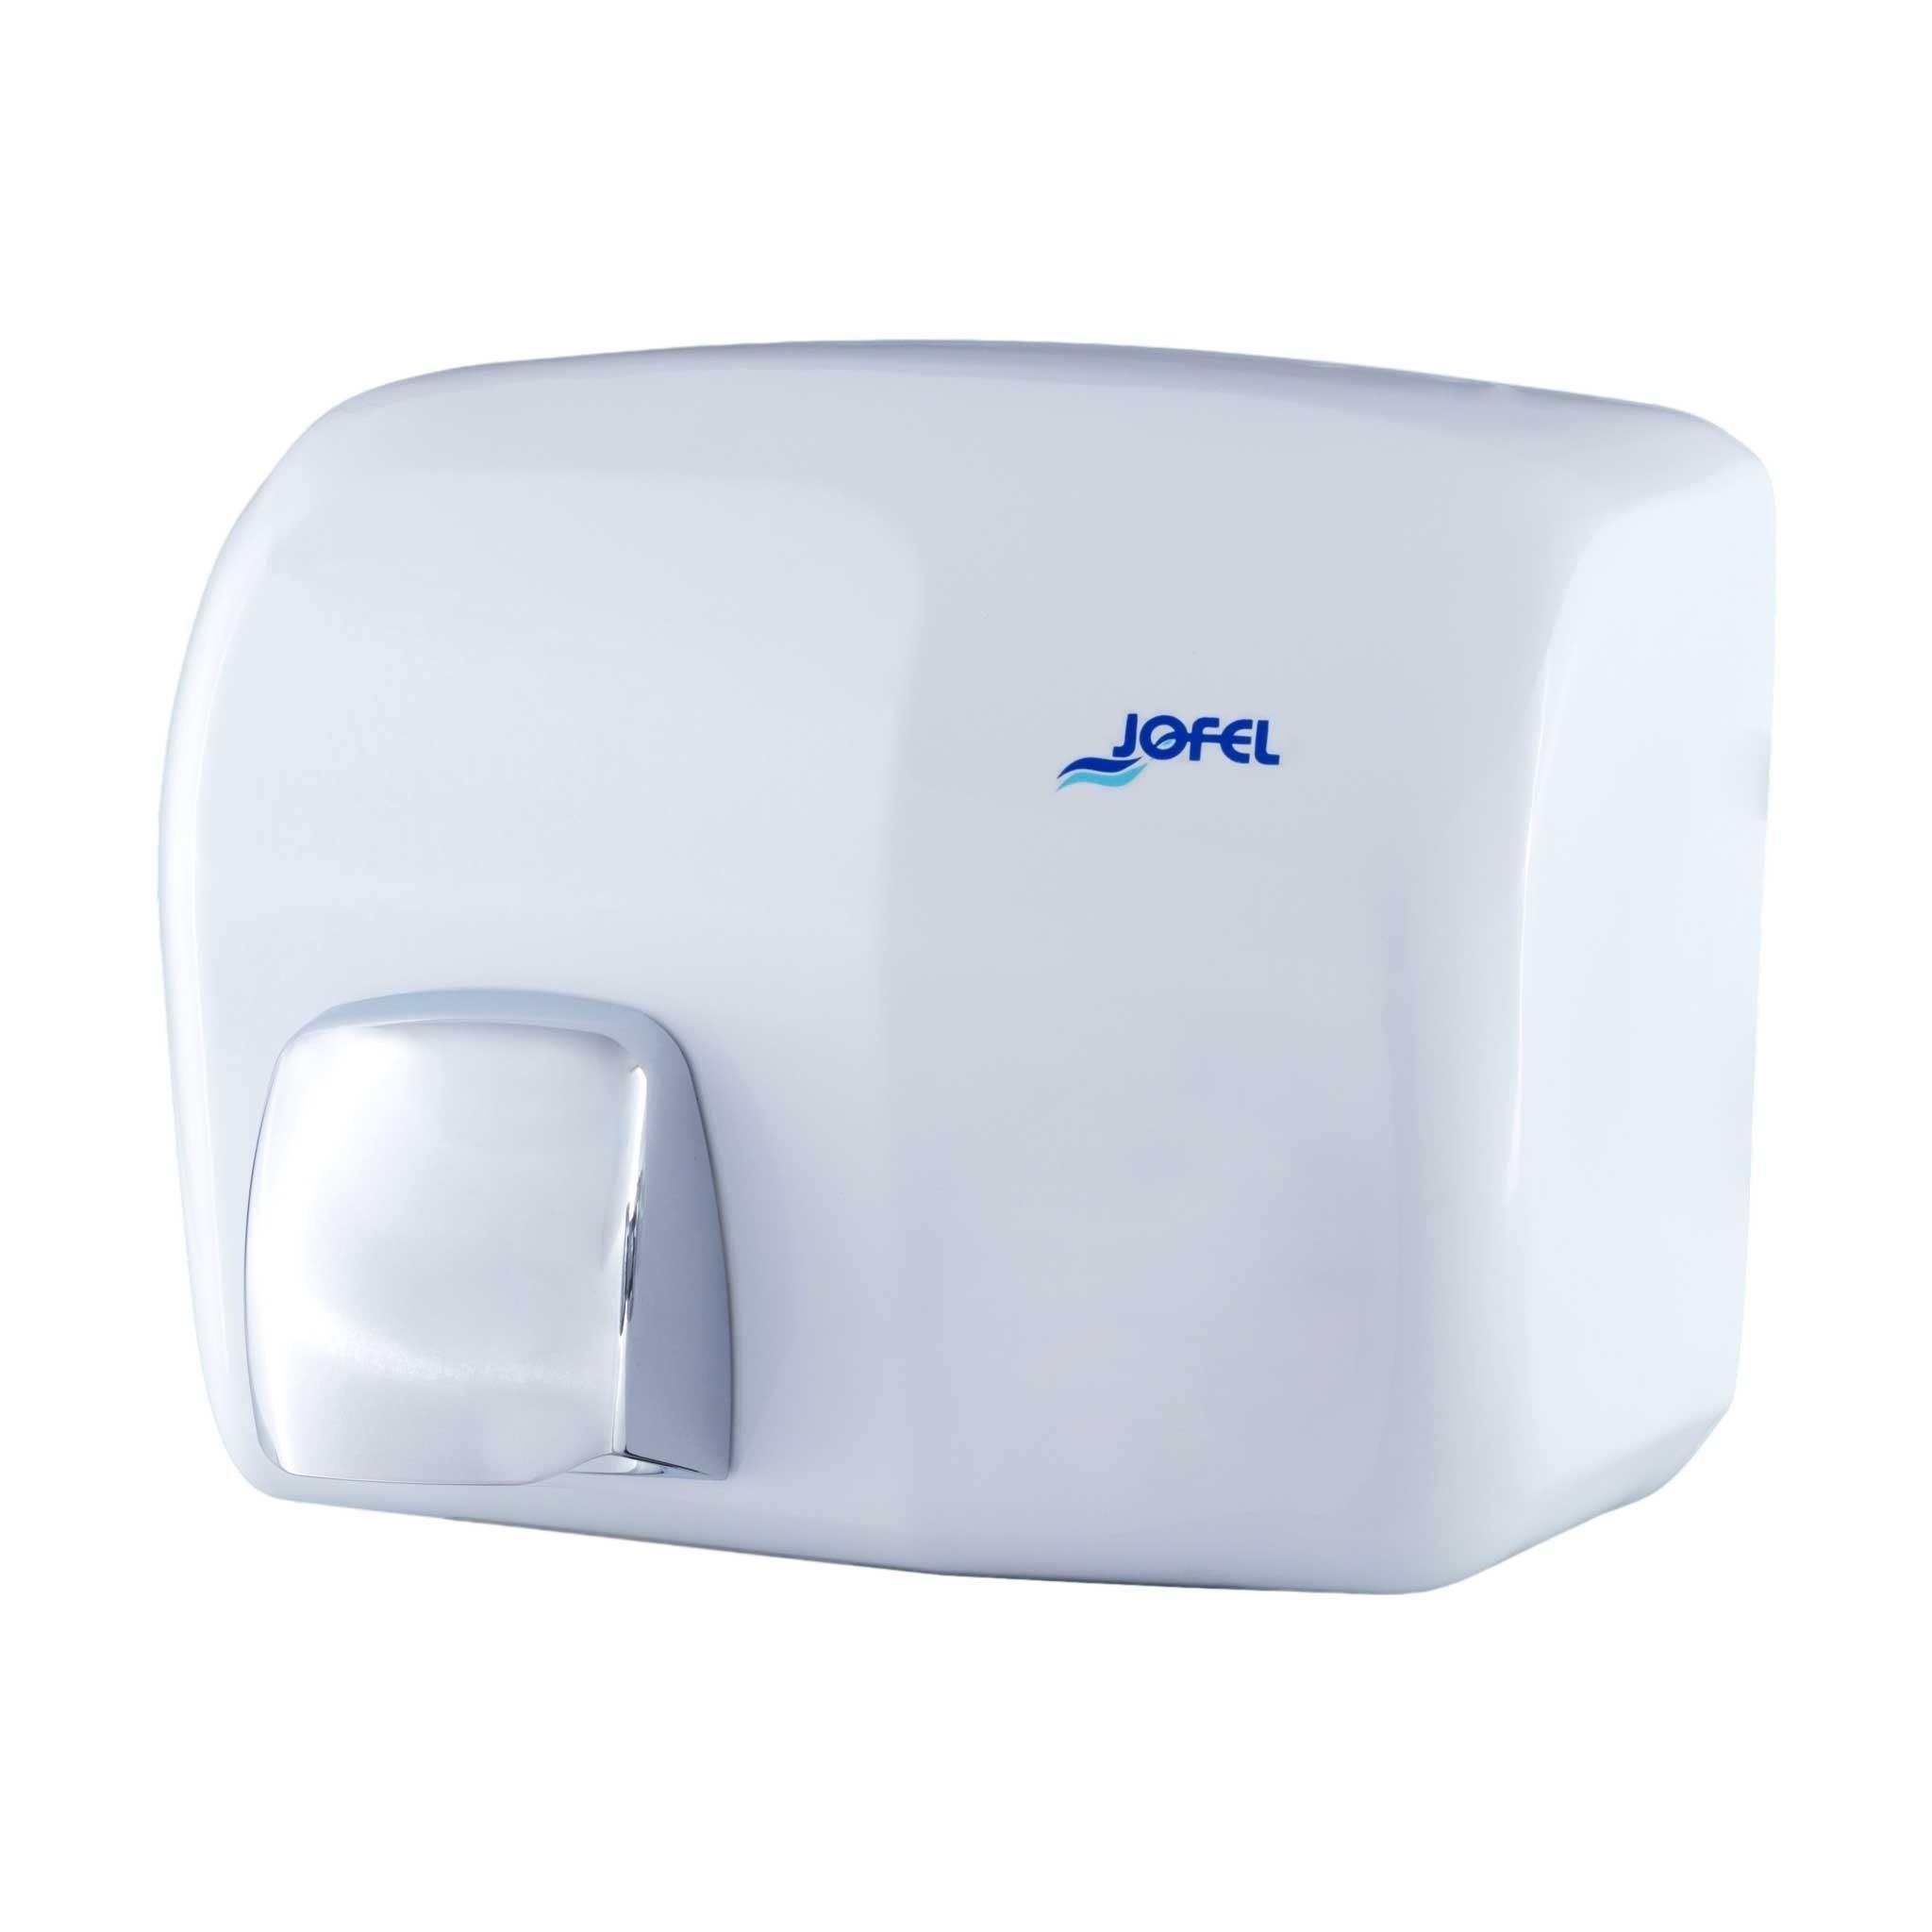 Μεταλλικός στεγνωτήρας χεριών Jofel Iberto white AA94000